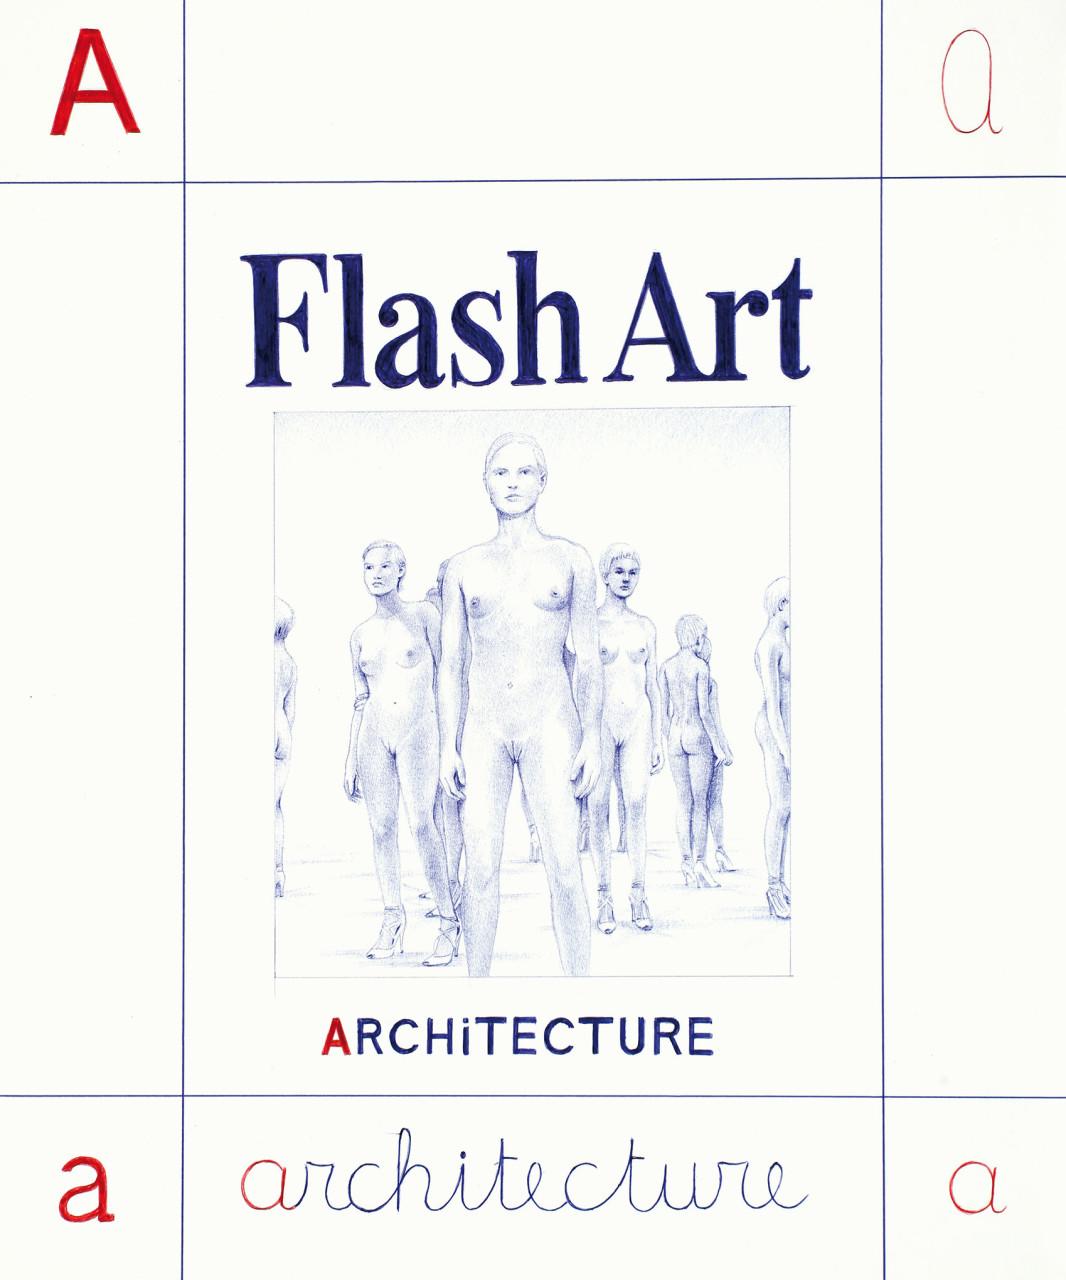 09A-architecture